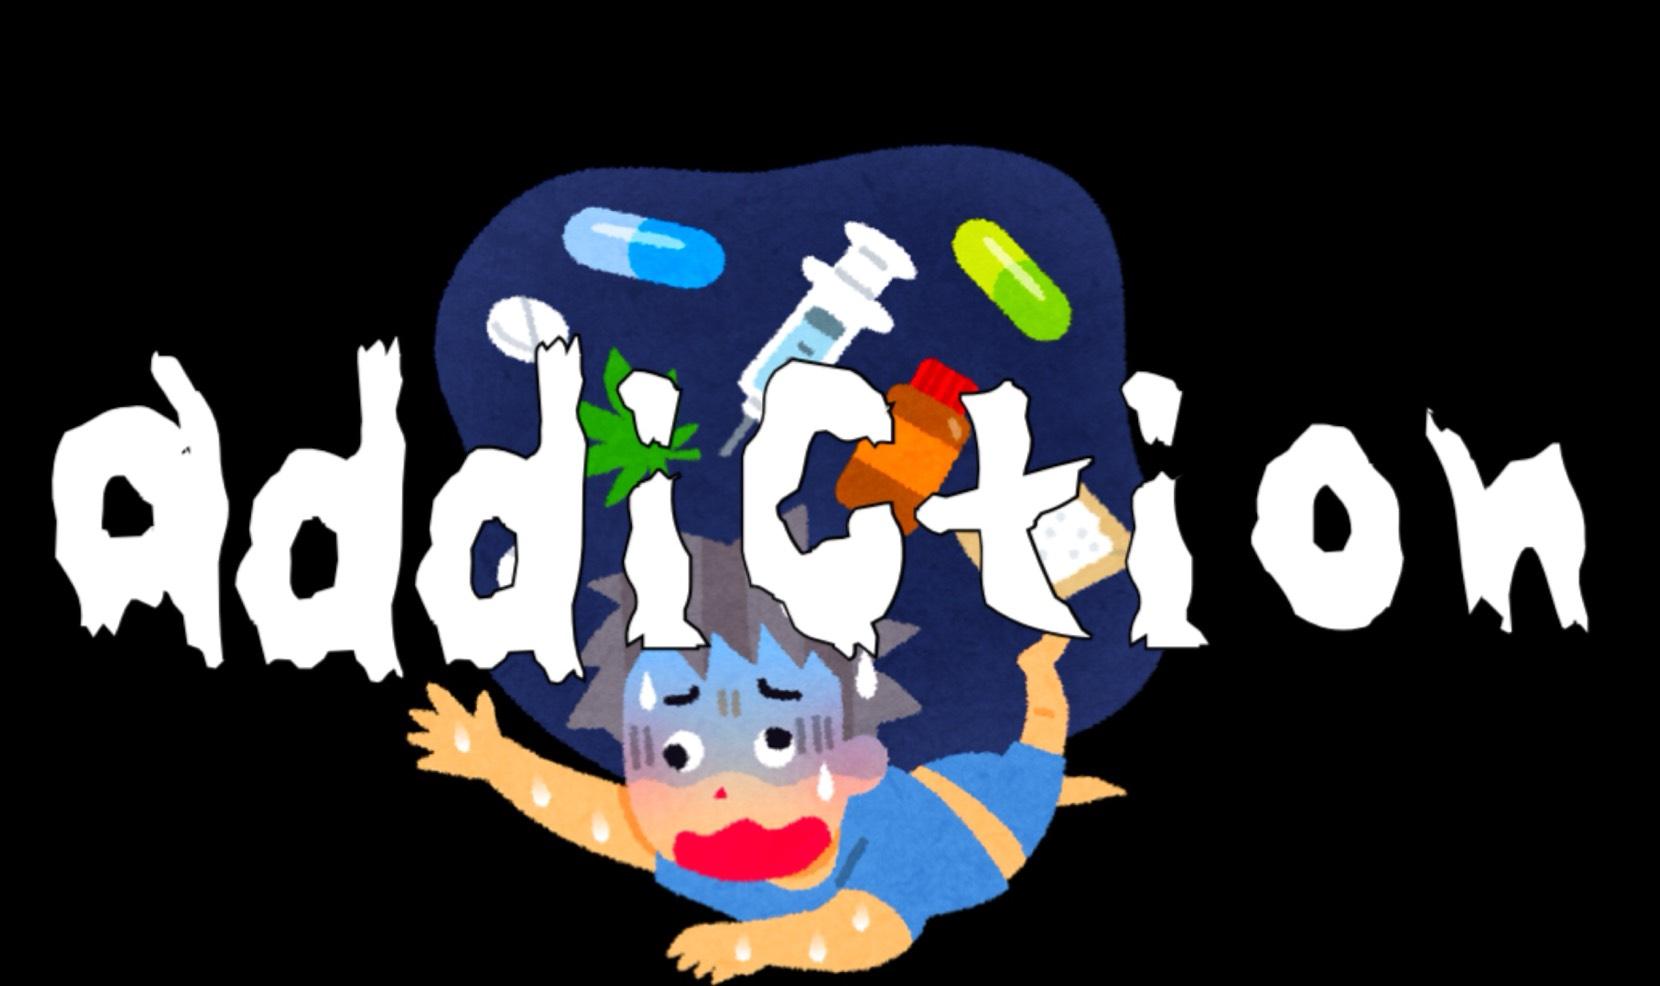 ミスチル「addiction」